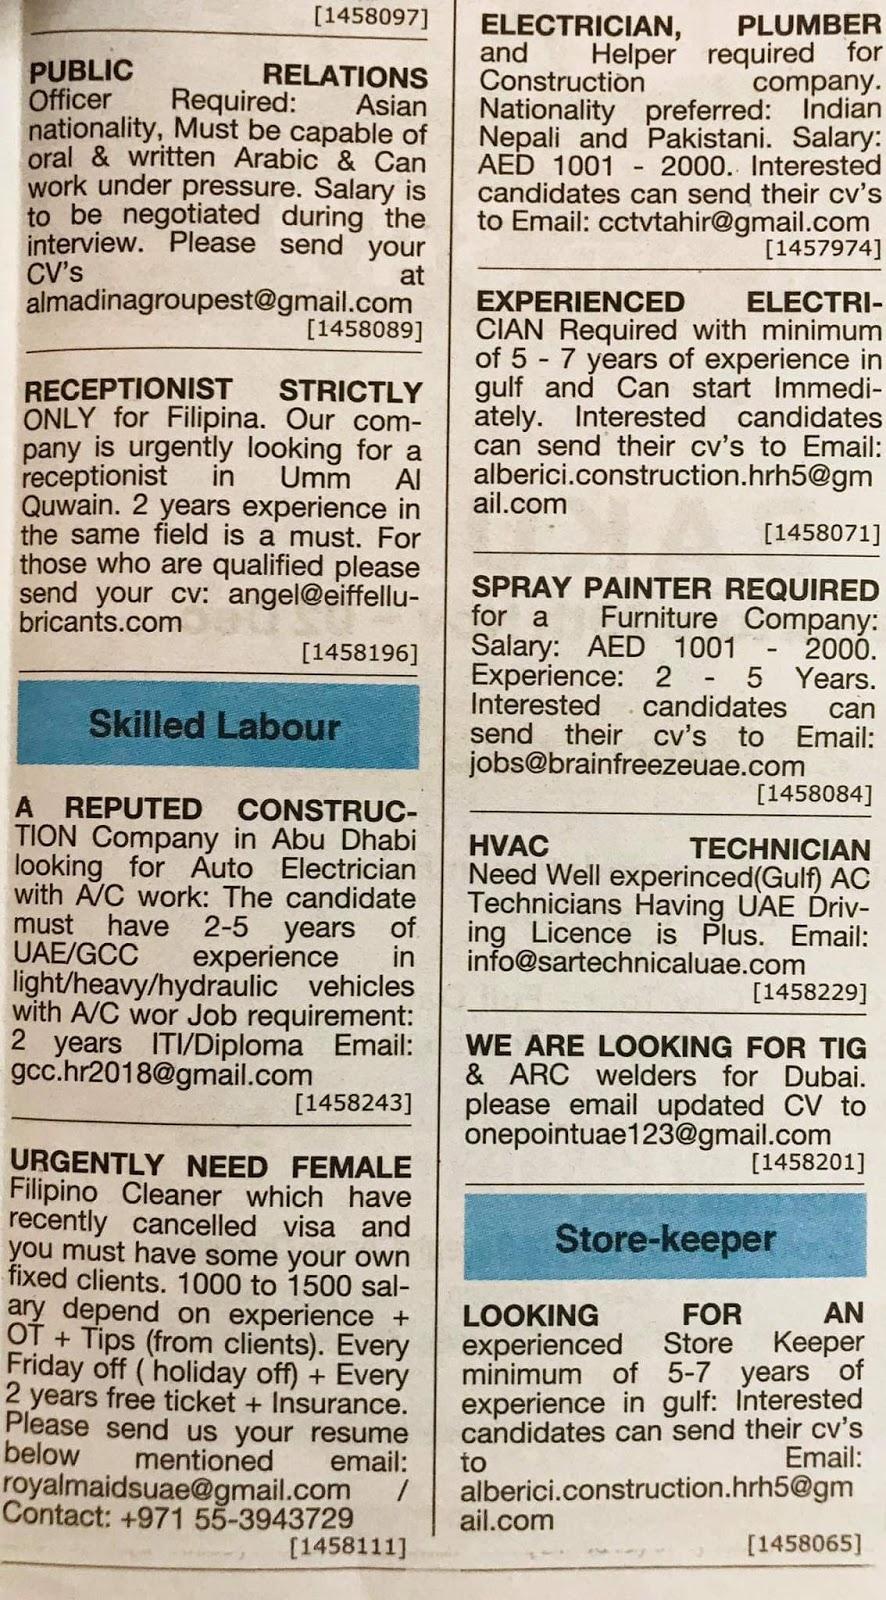 Required for Dubai Local Hiring Jobs Khaleej Times-UAE